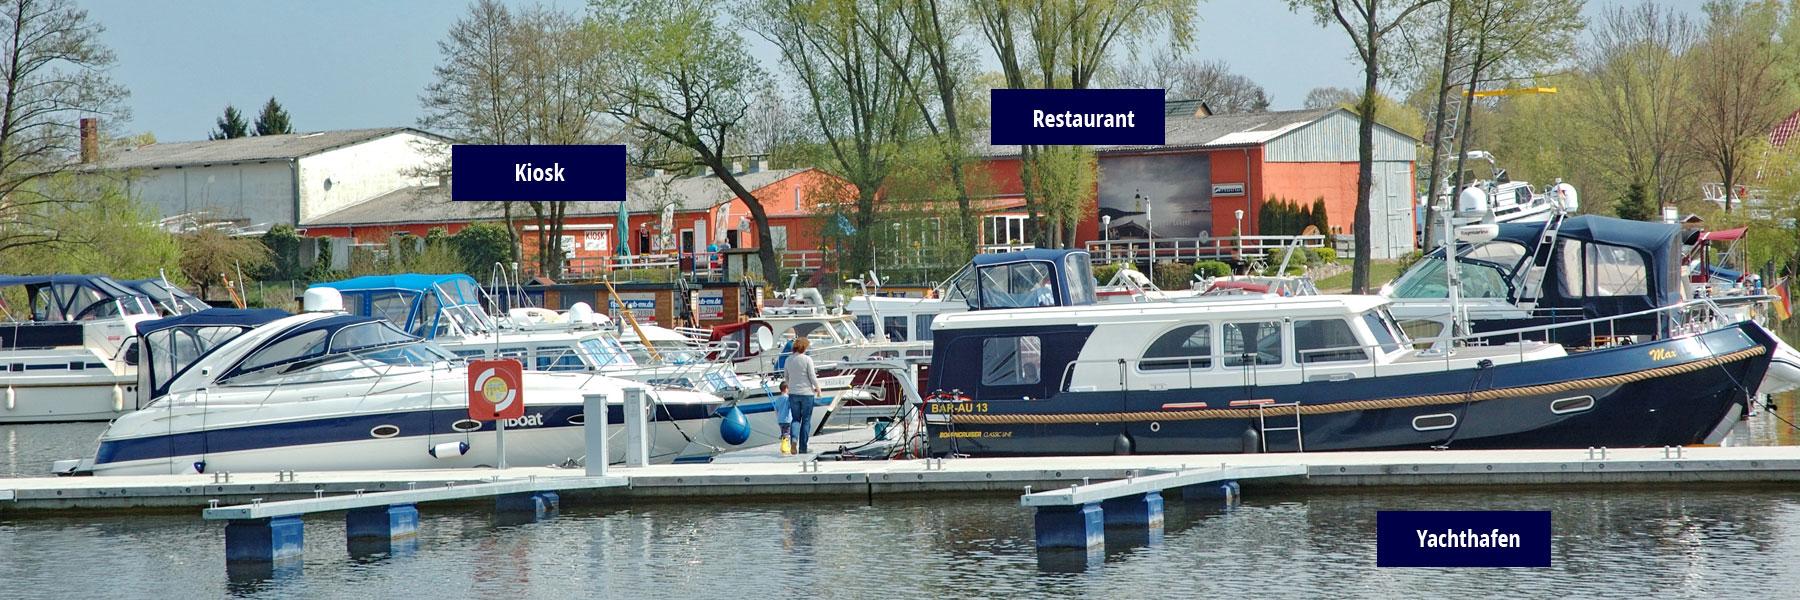 Steganlage - Yachthafen Priepert